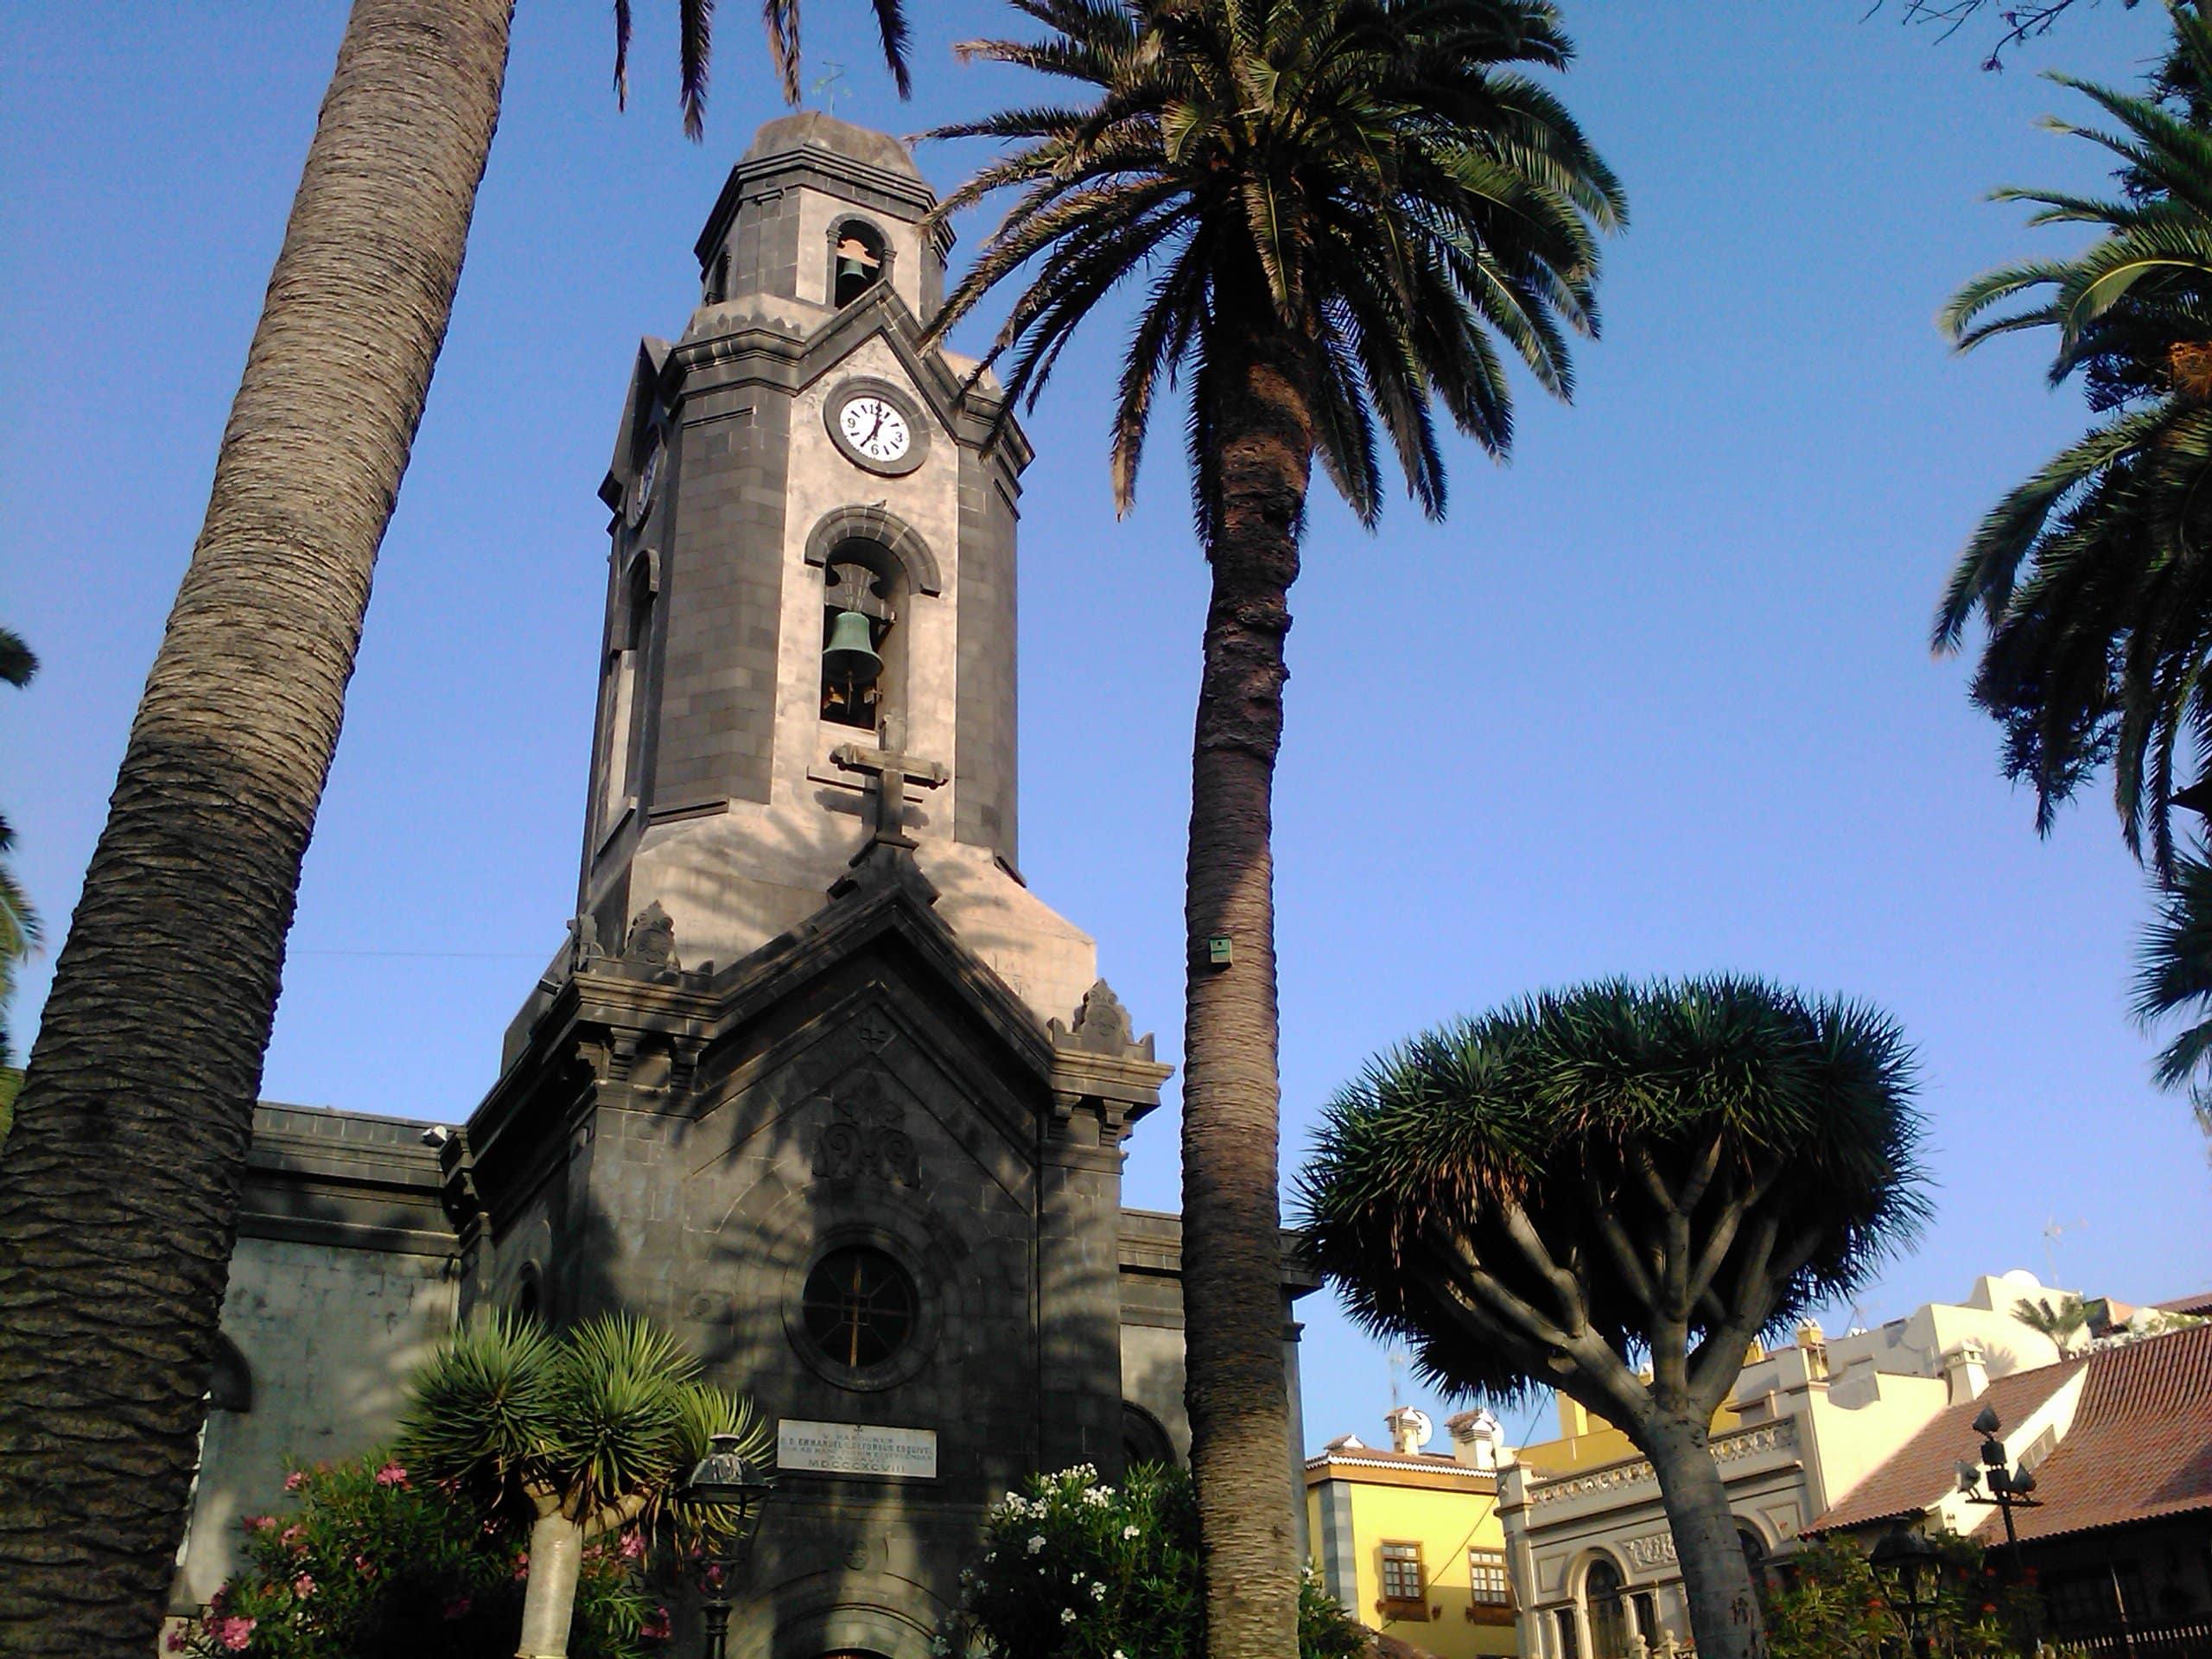 Iglesia-de-Nuestra-Senora-de-la-Pena-Francia-Tenerife-05